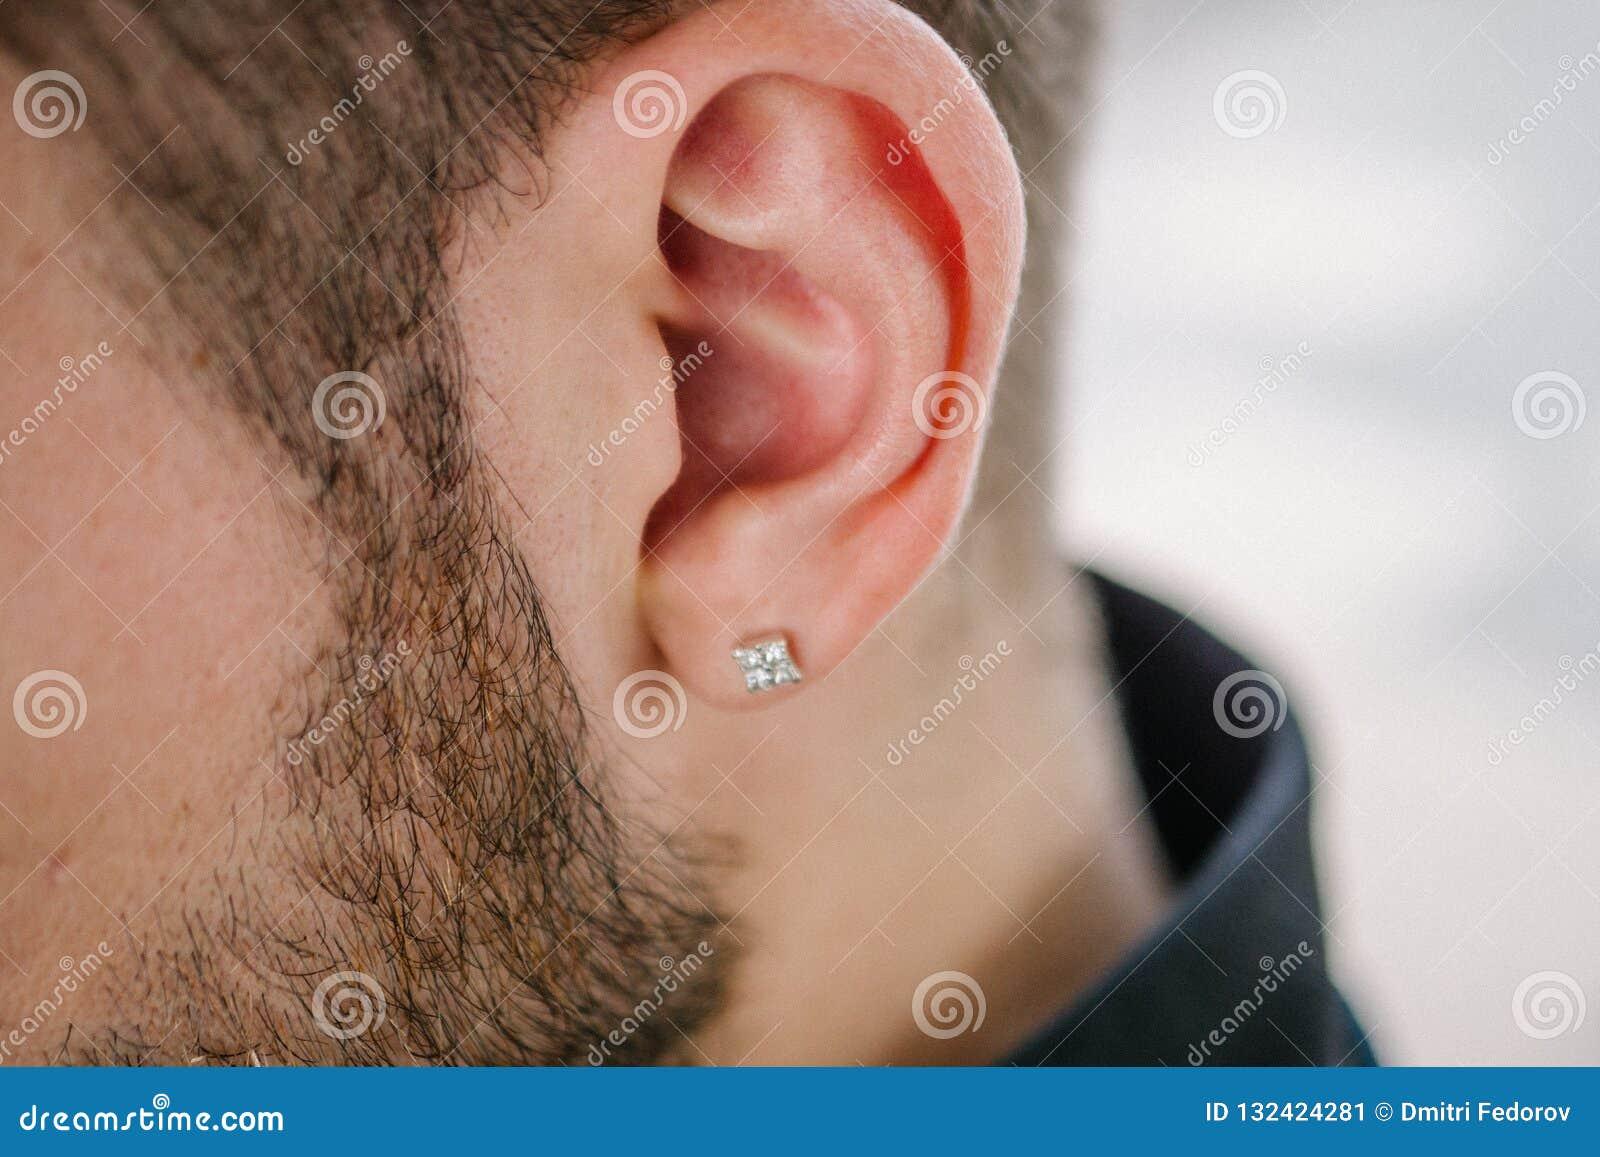 talla 40 5262a 080cb Pendiente En El Oído Masculino Parte De Perforación Del ...